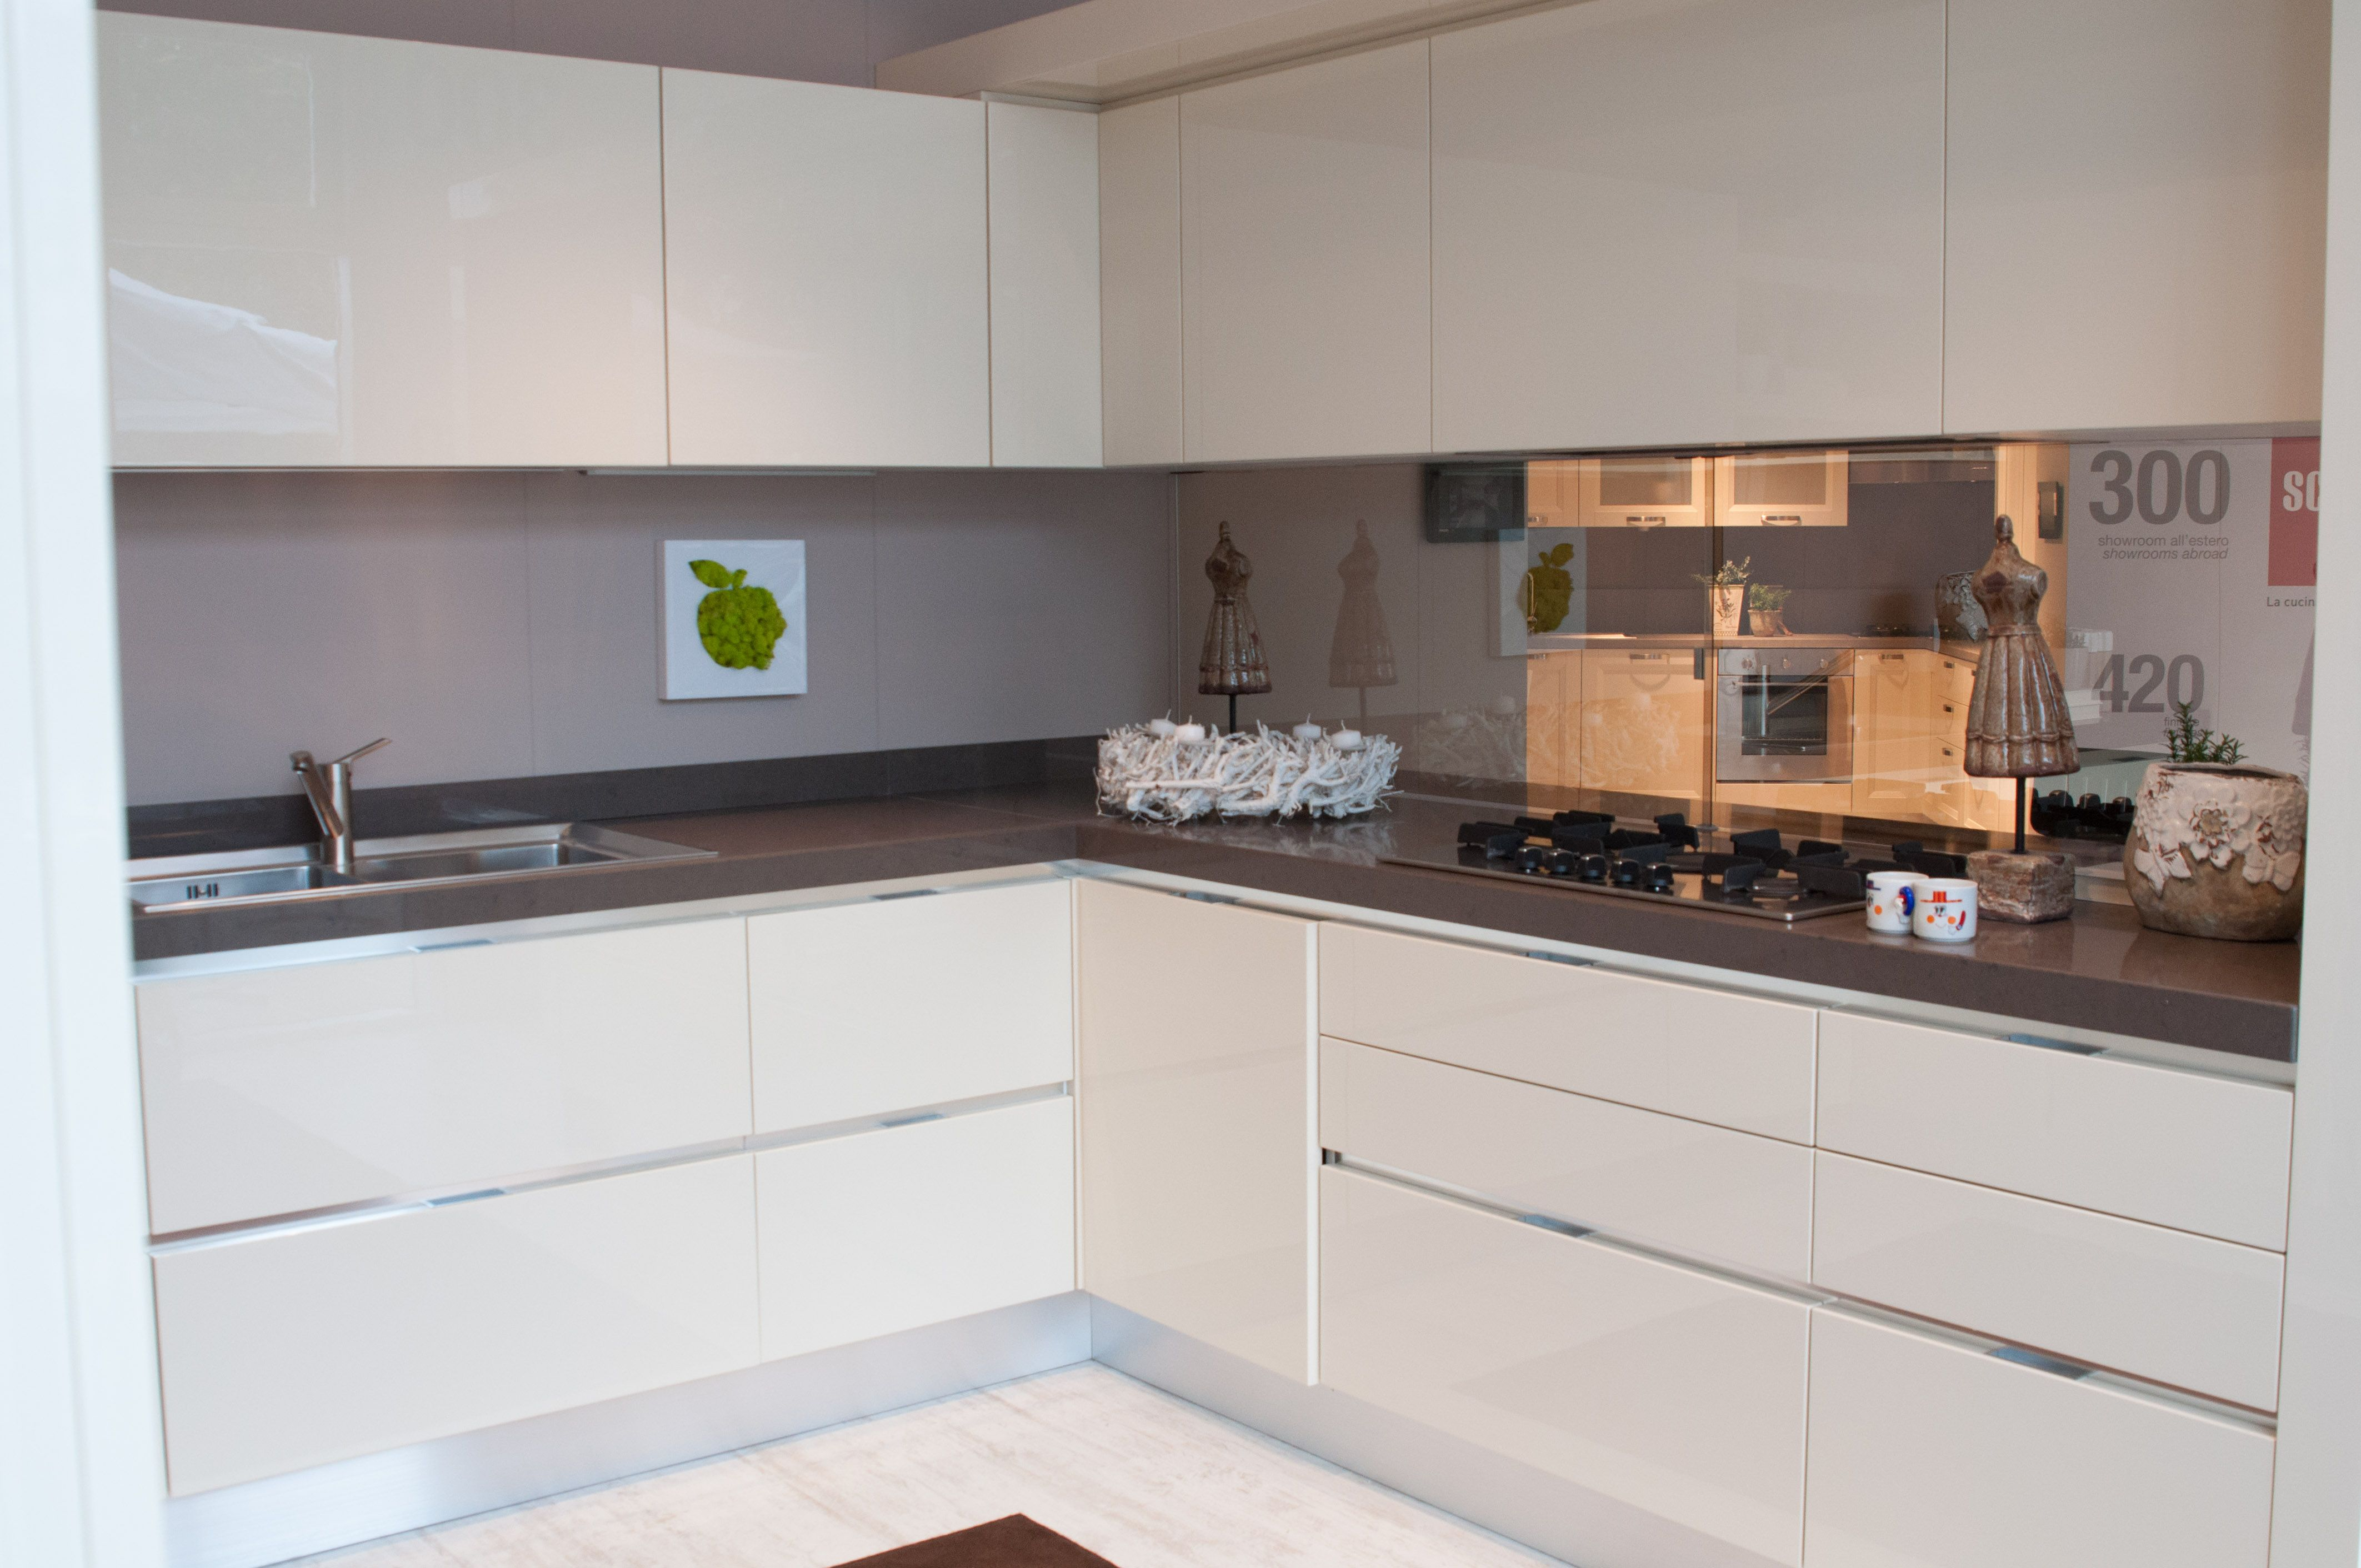 Cucina moderna Scavolini - composizione ad angolo bianca | Ideas for ...